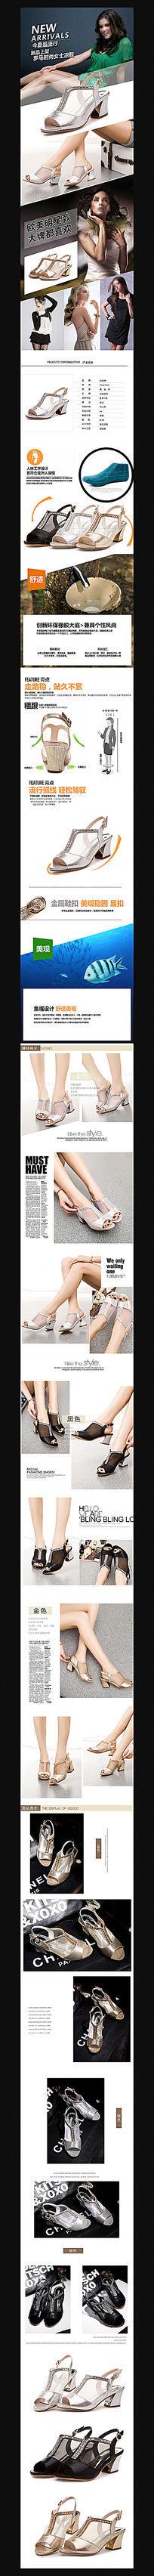 淘宝天猫女鞋细节描述模板